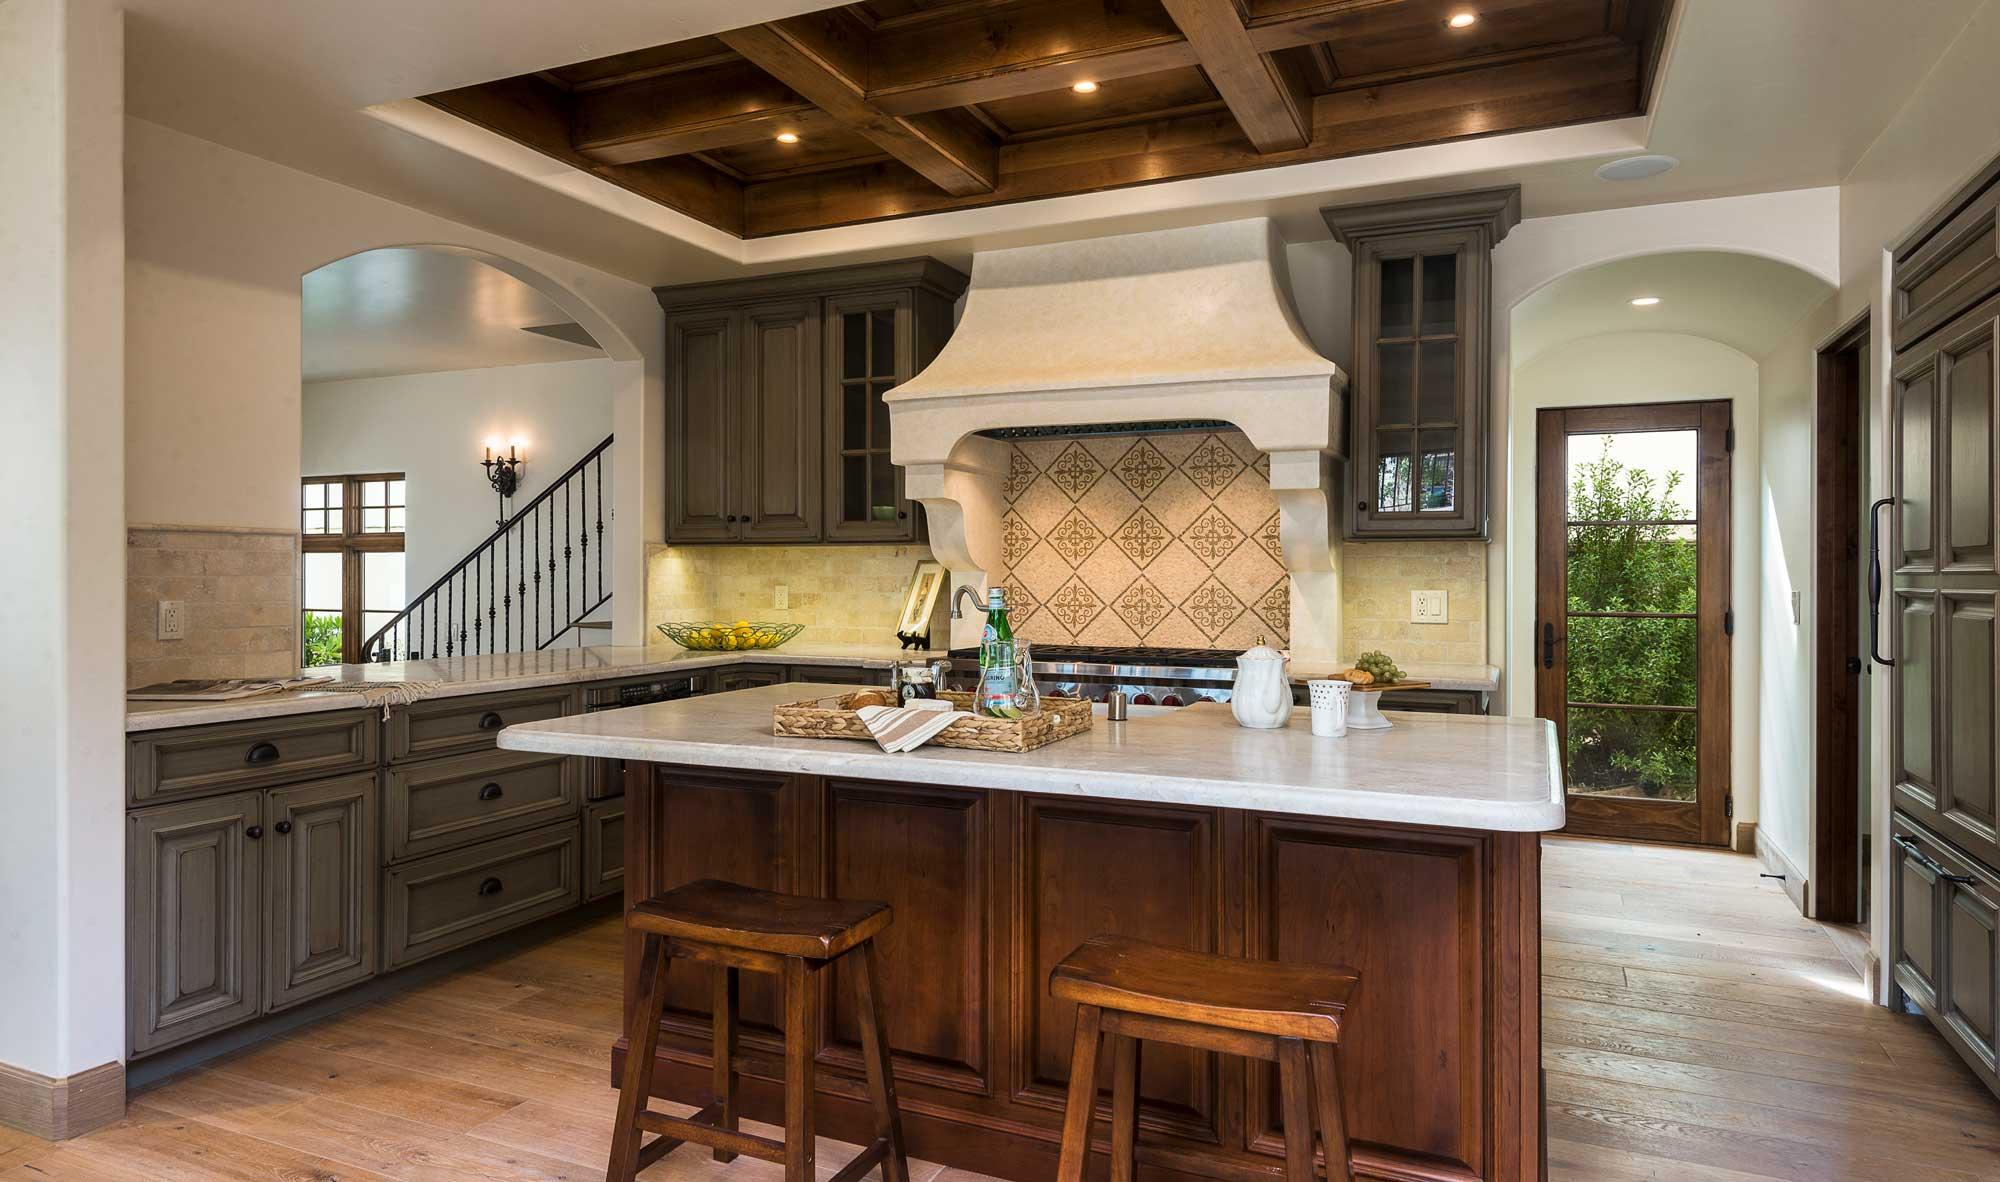 Montecito kitchens a santa barbara montecito kitchen - Kitchen remodeling and design ...